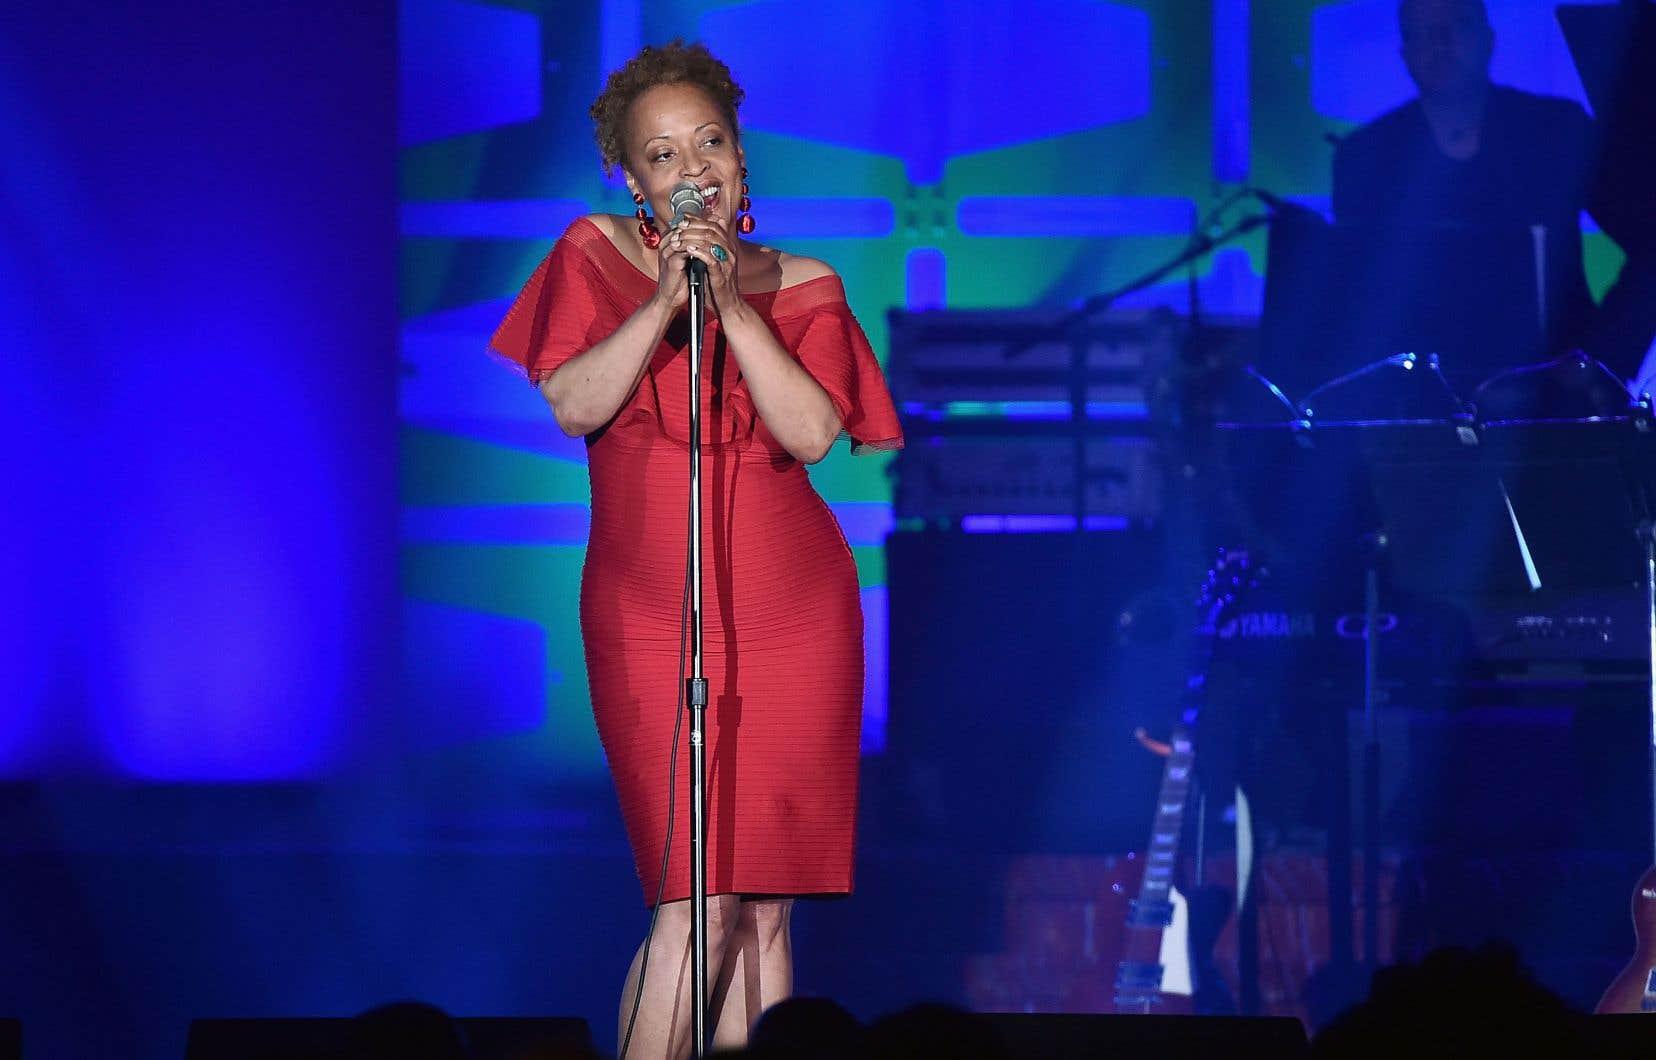 Cassandra Wilson en concert à New York, à l'été 2017. Son «Belly of the Sun» paru en 2002 sur Blue Note, a marqué le début de ce siècle en jazz.